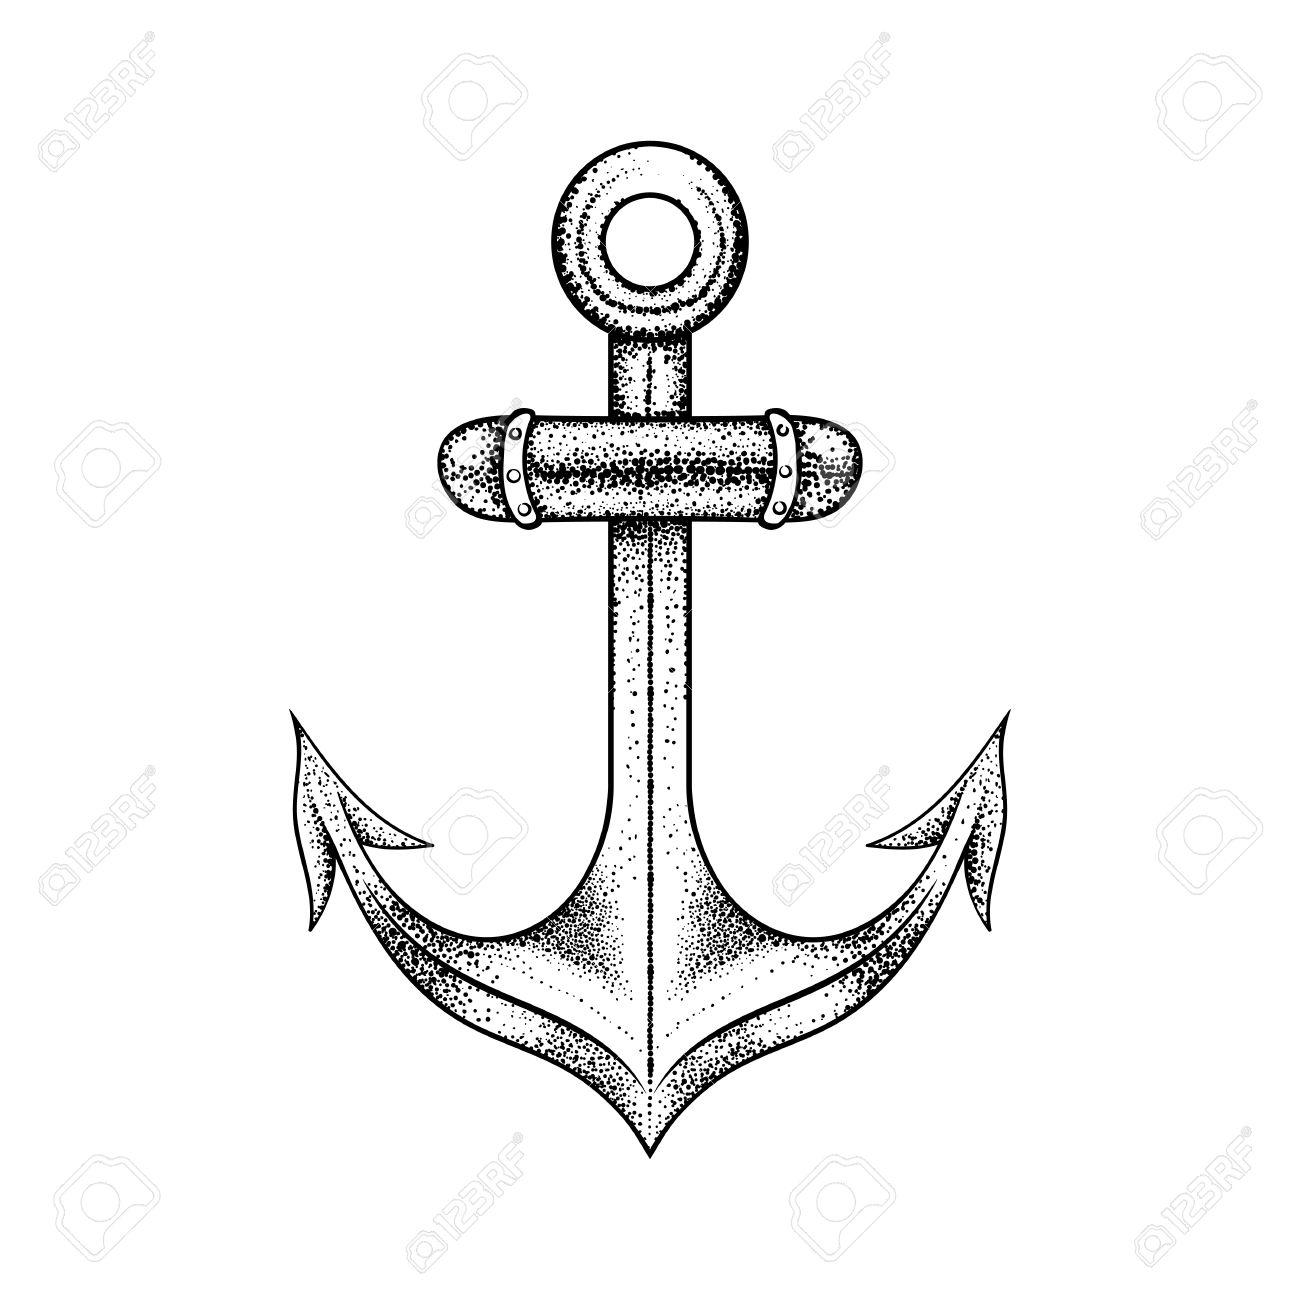 Mano Ancla Dibujada Elegante Del Mar Del Barco Dibujo Negro Para El